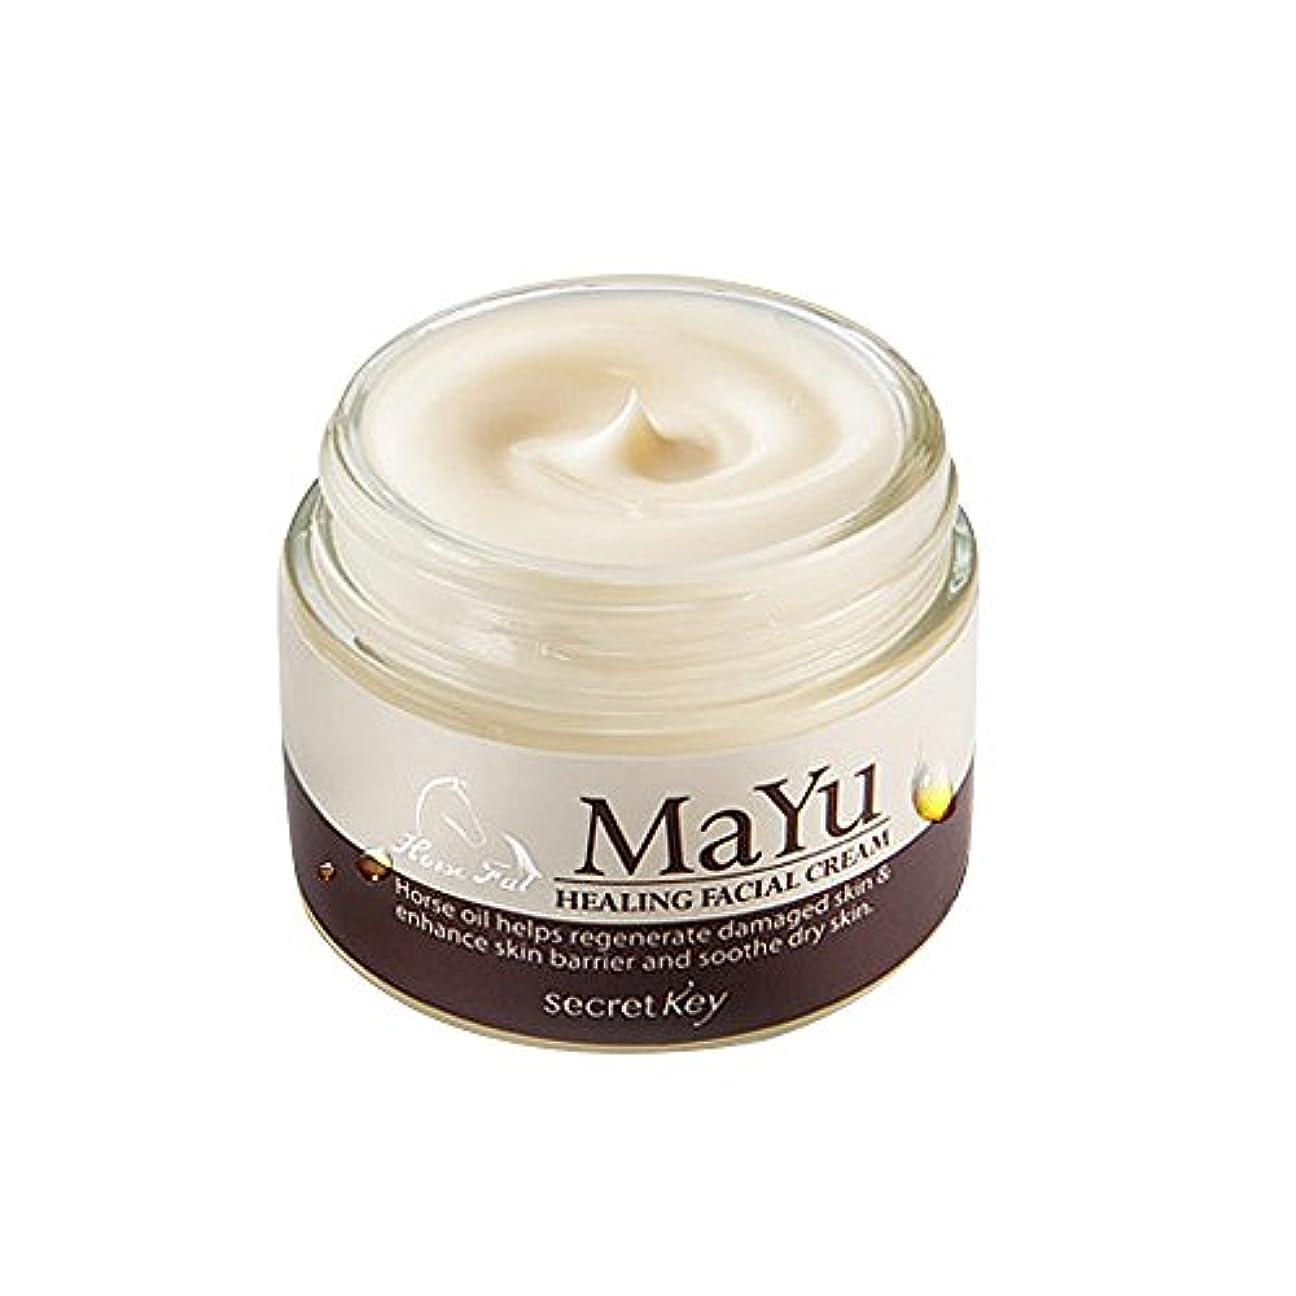 バンク緩やかなピット[シークレットキー]Secretkey 馬油ヒーリングフェイシャルクリーム70g 海外直送品 Mayu Healing Facial Cream 70g